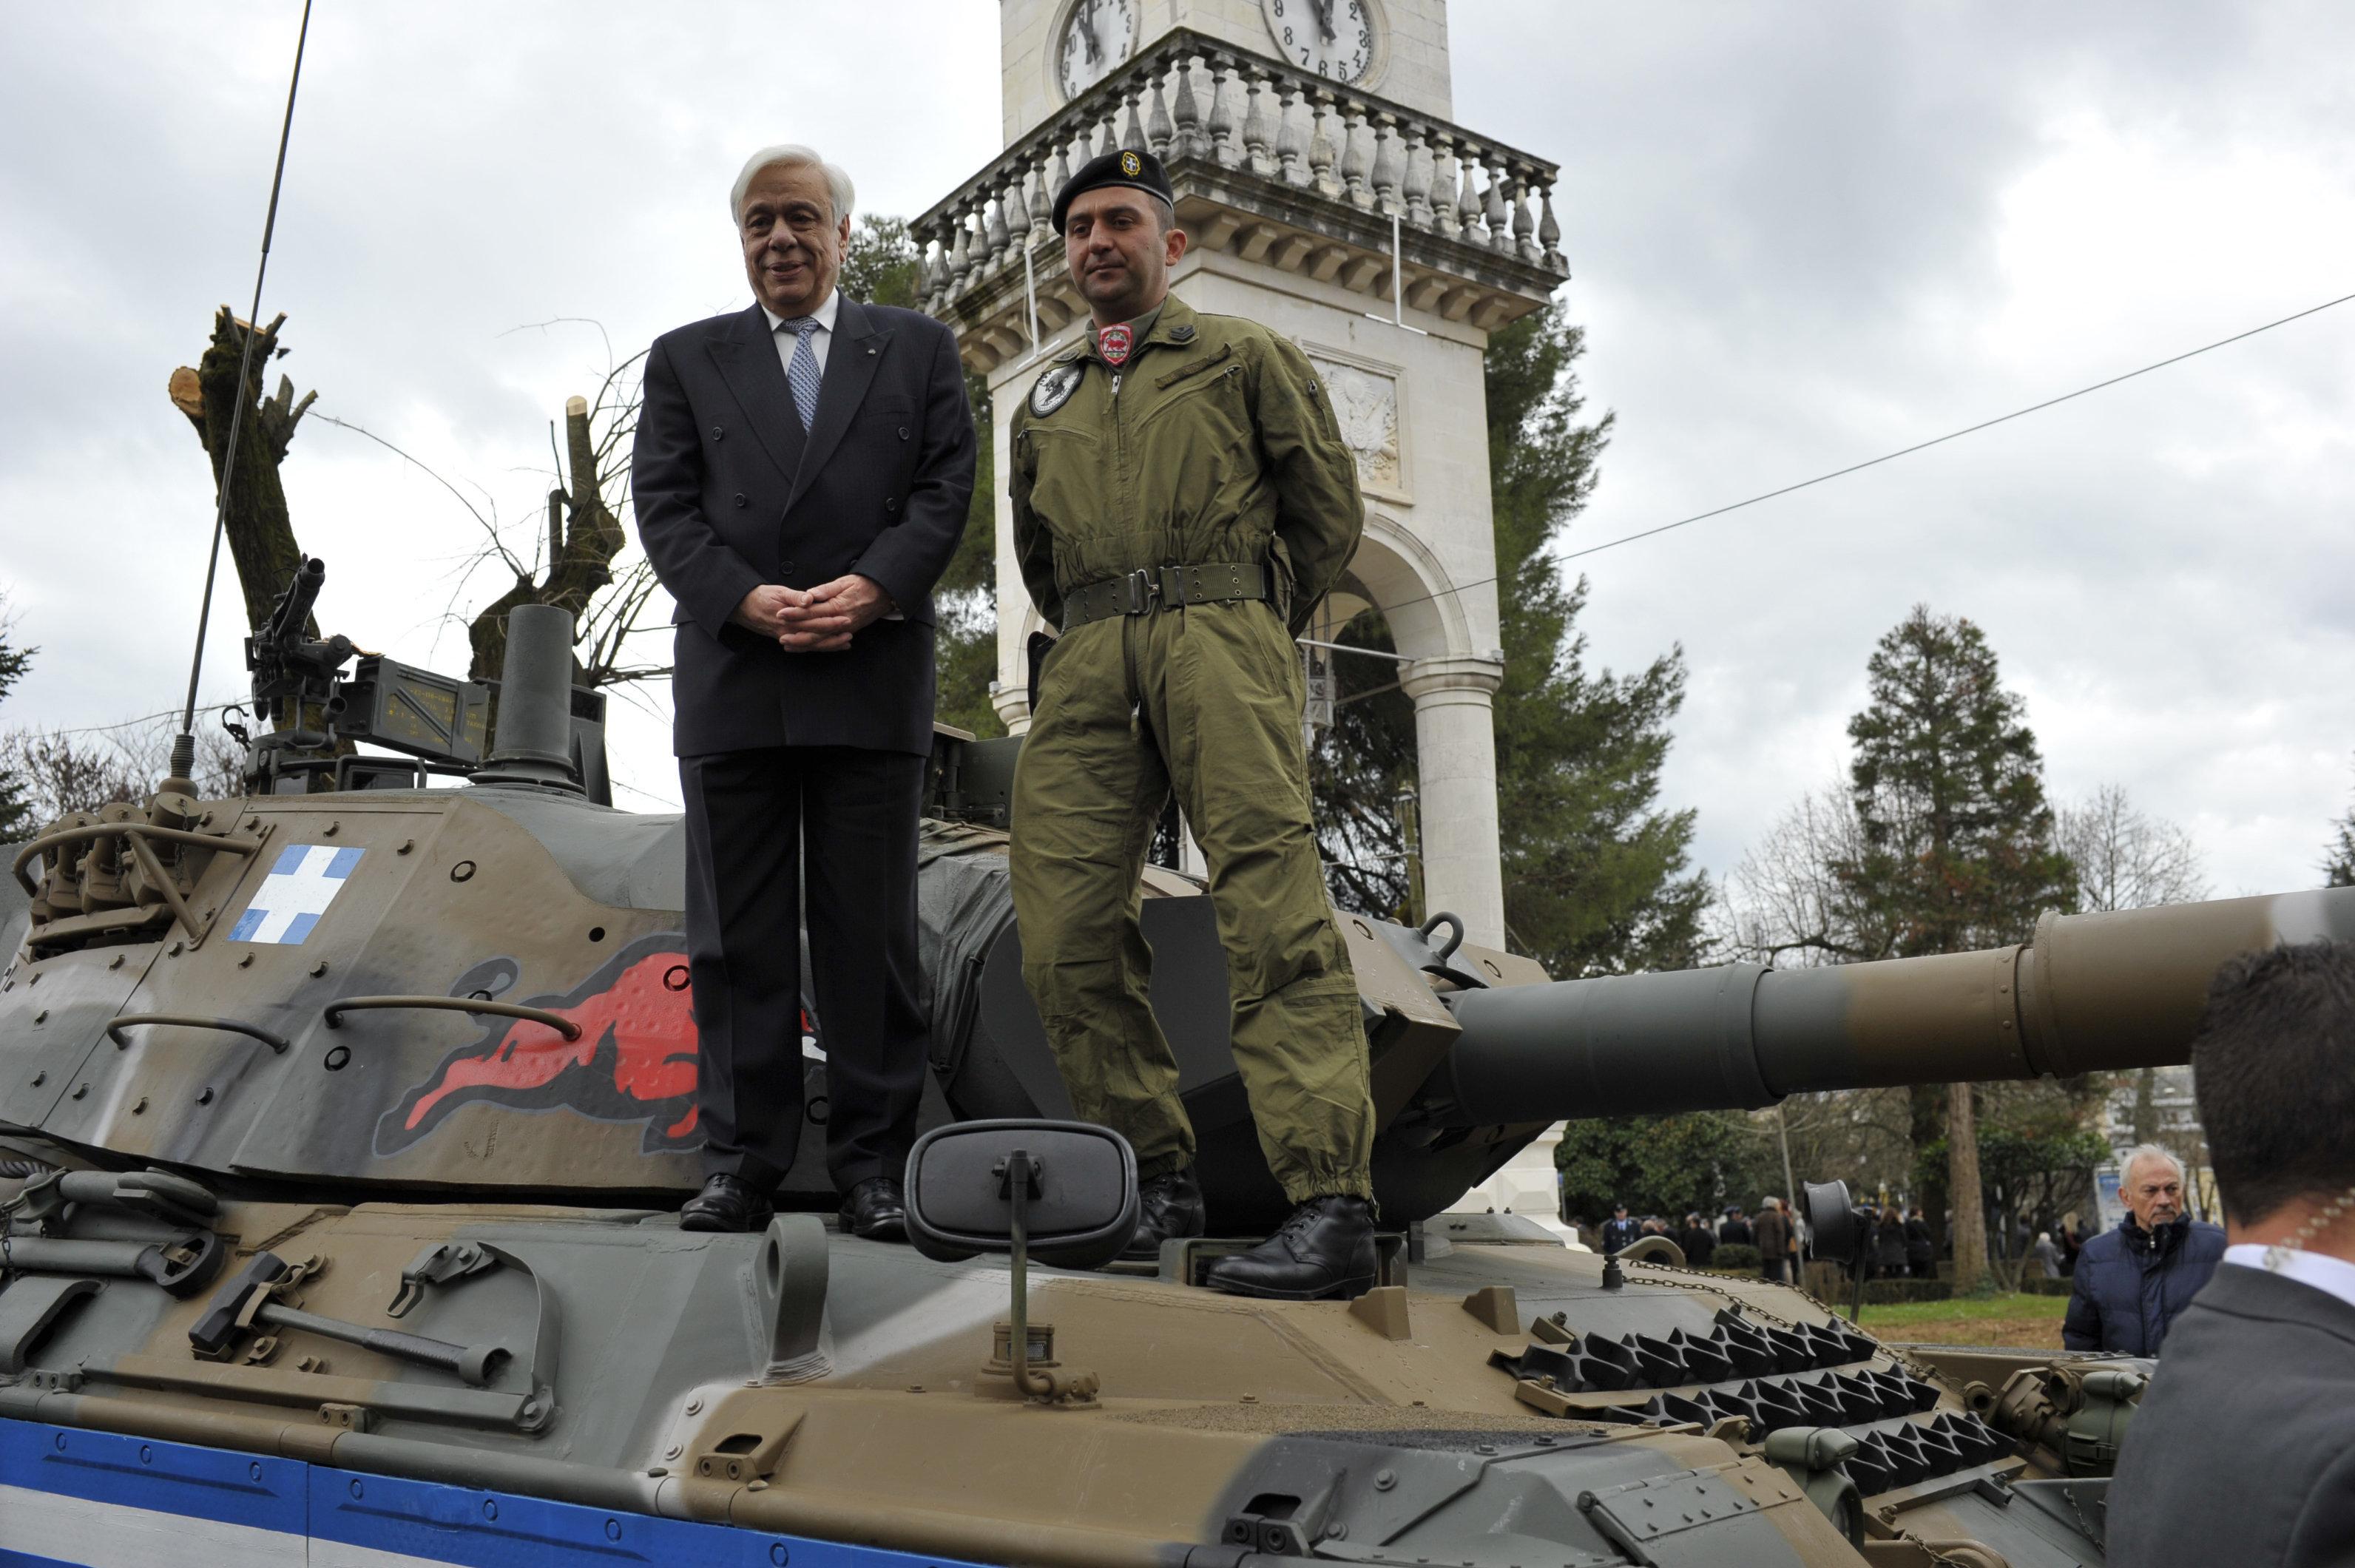 Παυλόπουλος: Οι Έλληνες ξέρουμε να υπερασπιζόμαστε τα σύνορα και την εθνική μας